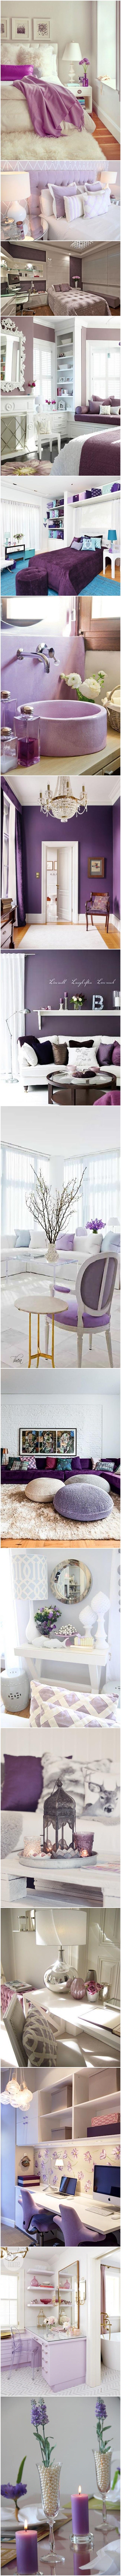 decoração lilás quarto sala decor devaneios etc por pris moraes